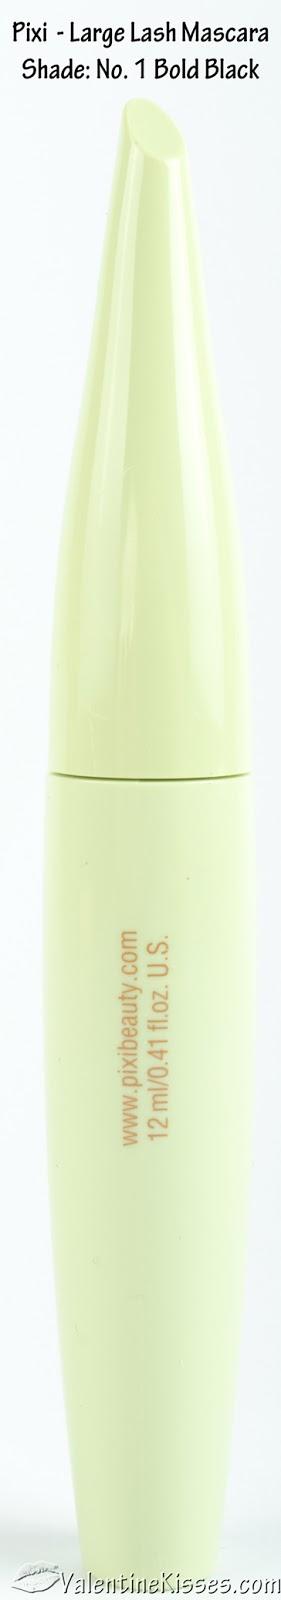 Large Lash Mascara - Pixi Beauty